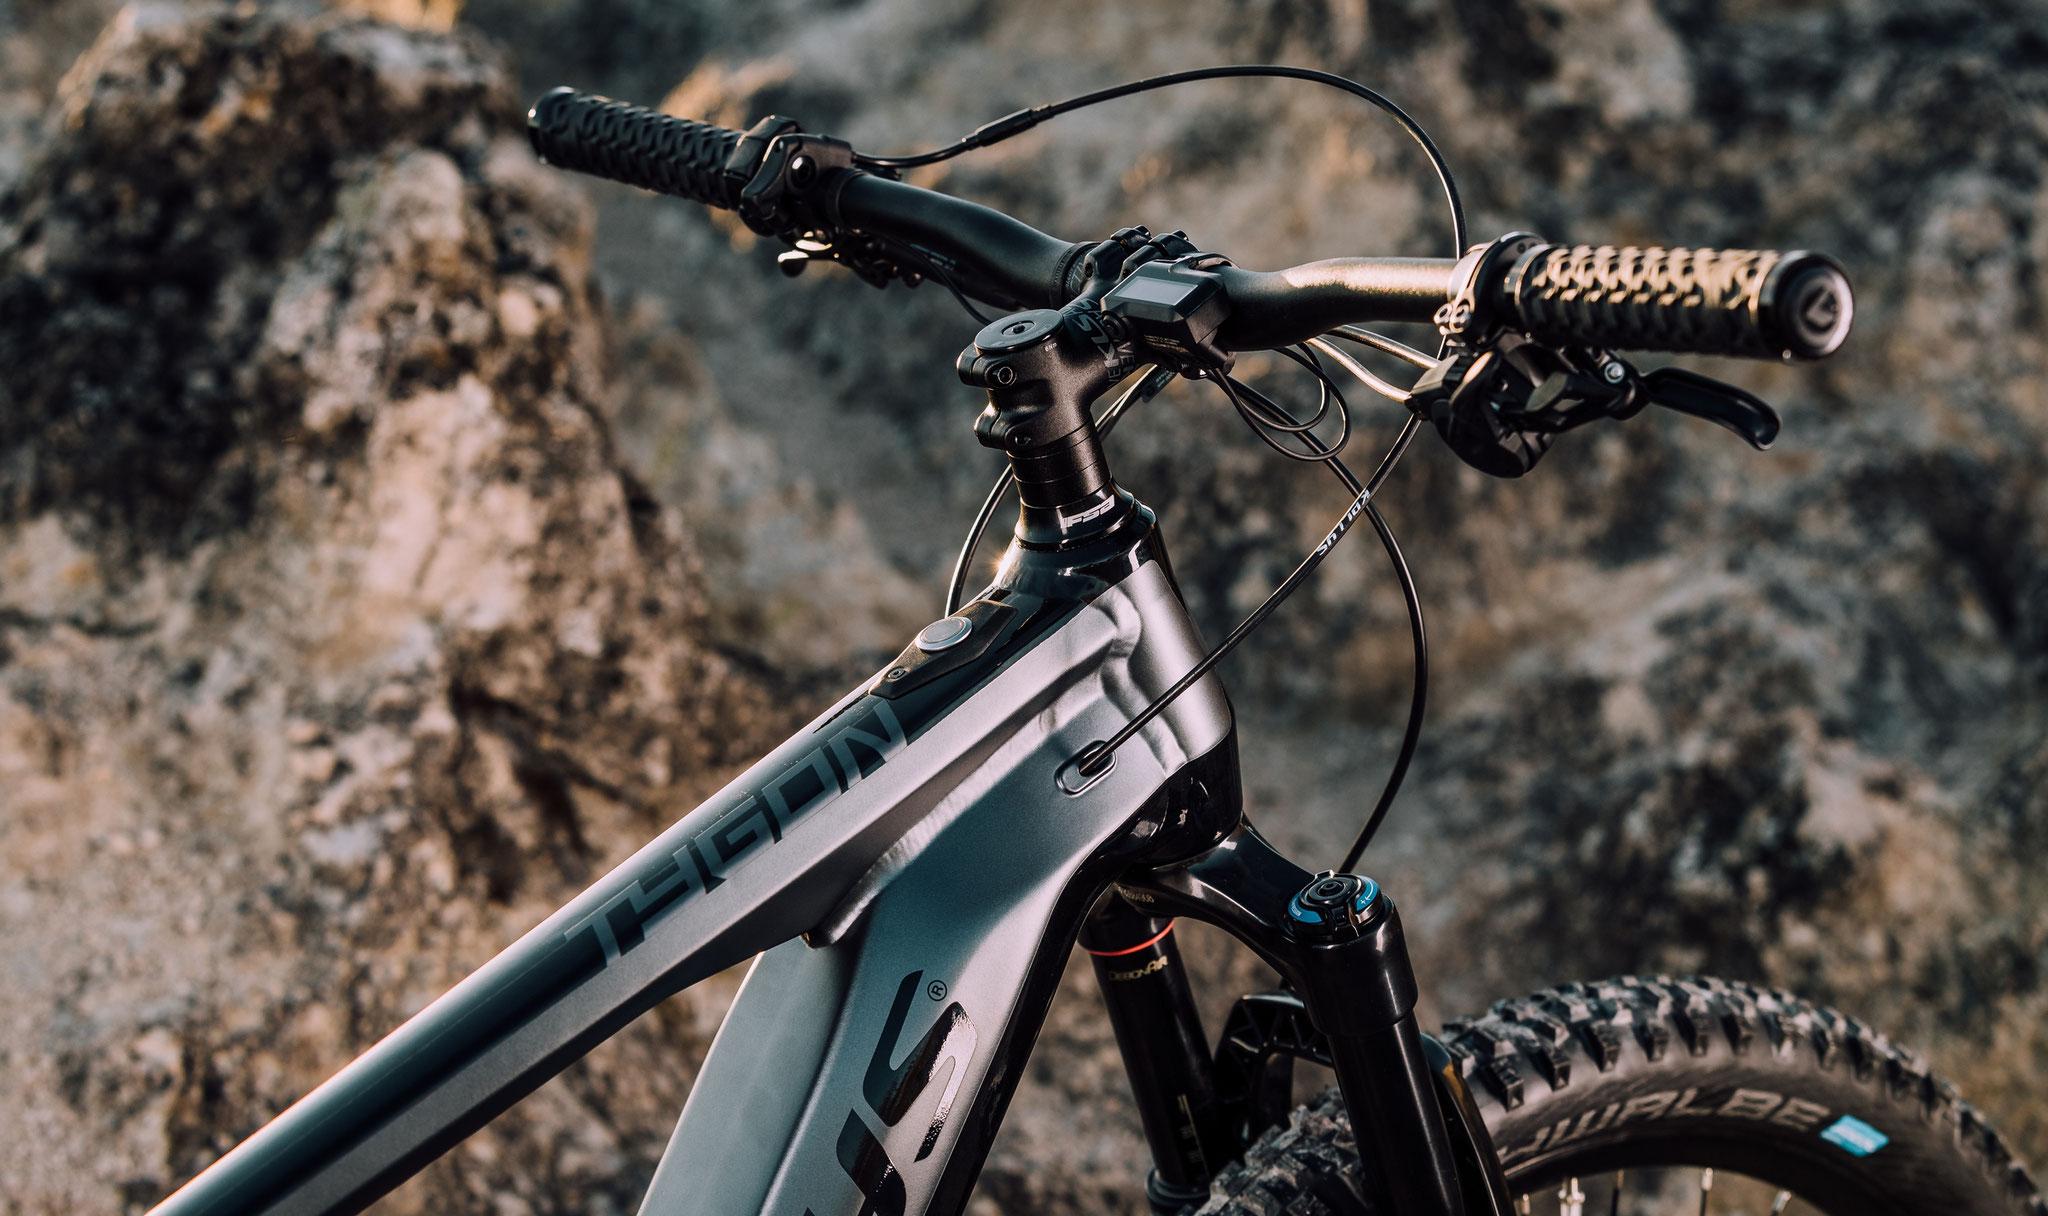 Die Gabel ist für den E-Bike Einsatz optimiert und an das höhere Gewicht angepasst.